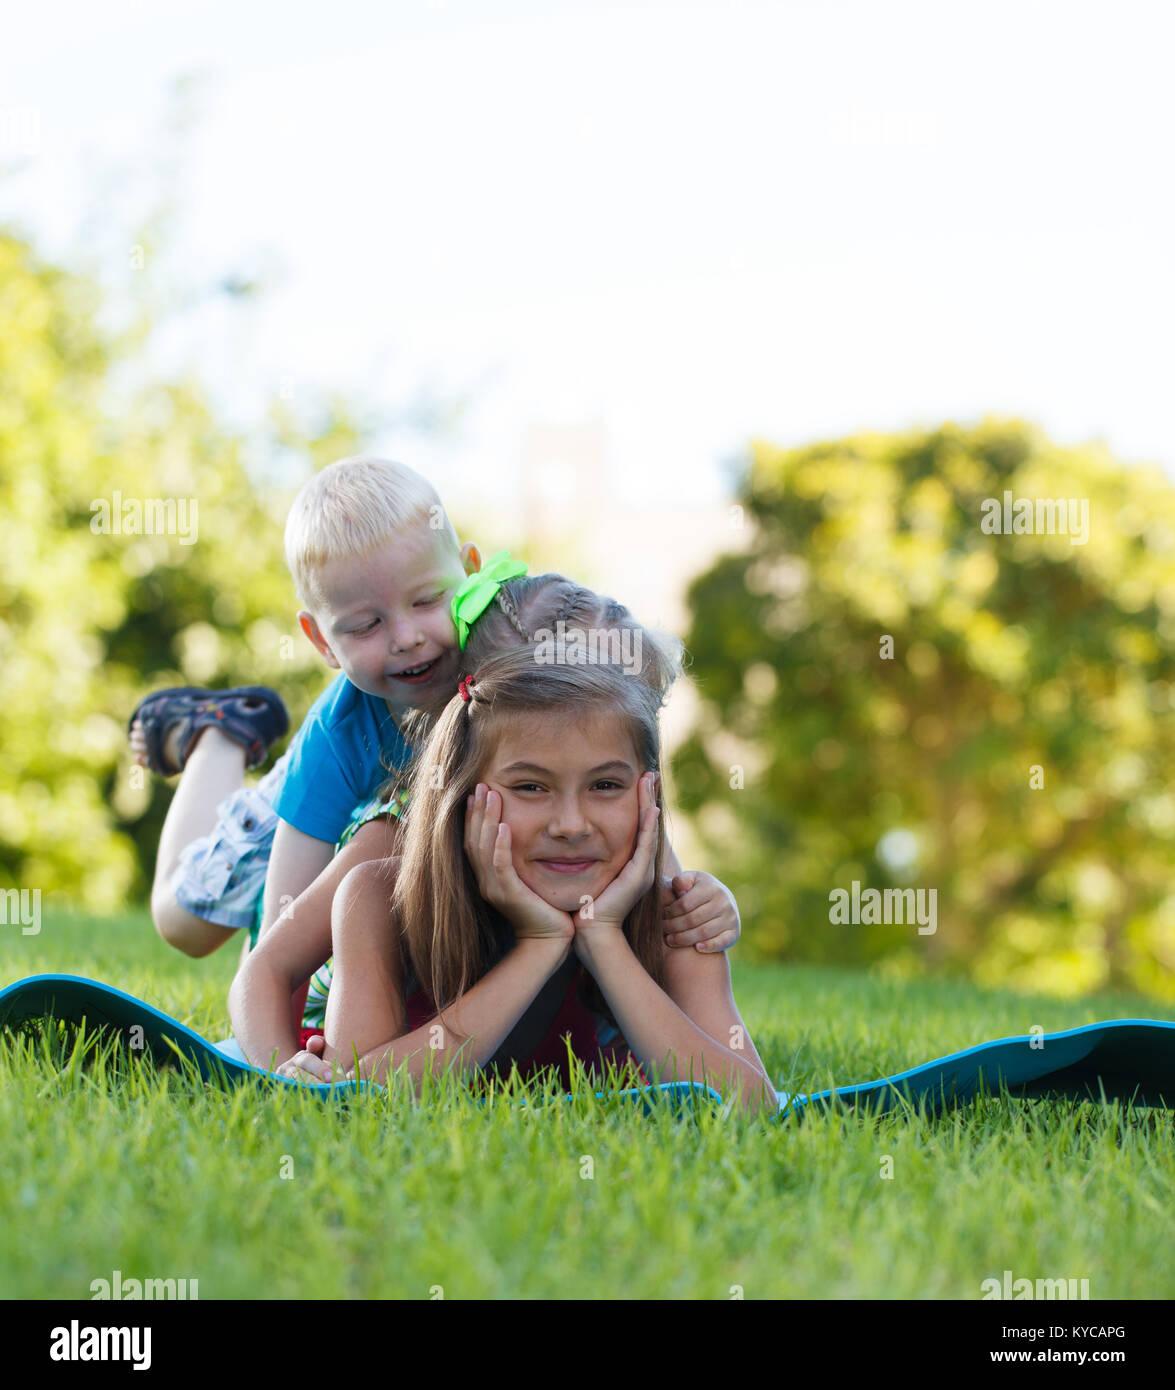 Dei bambini felici giocando piggy back Immagini Stock